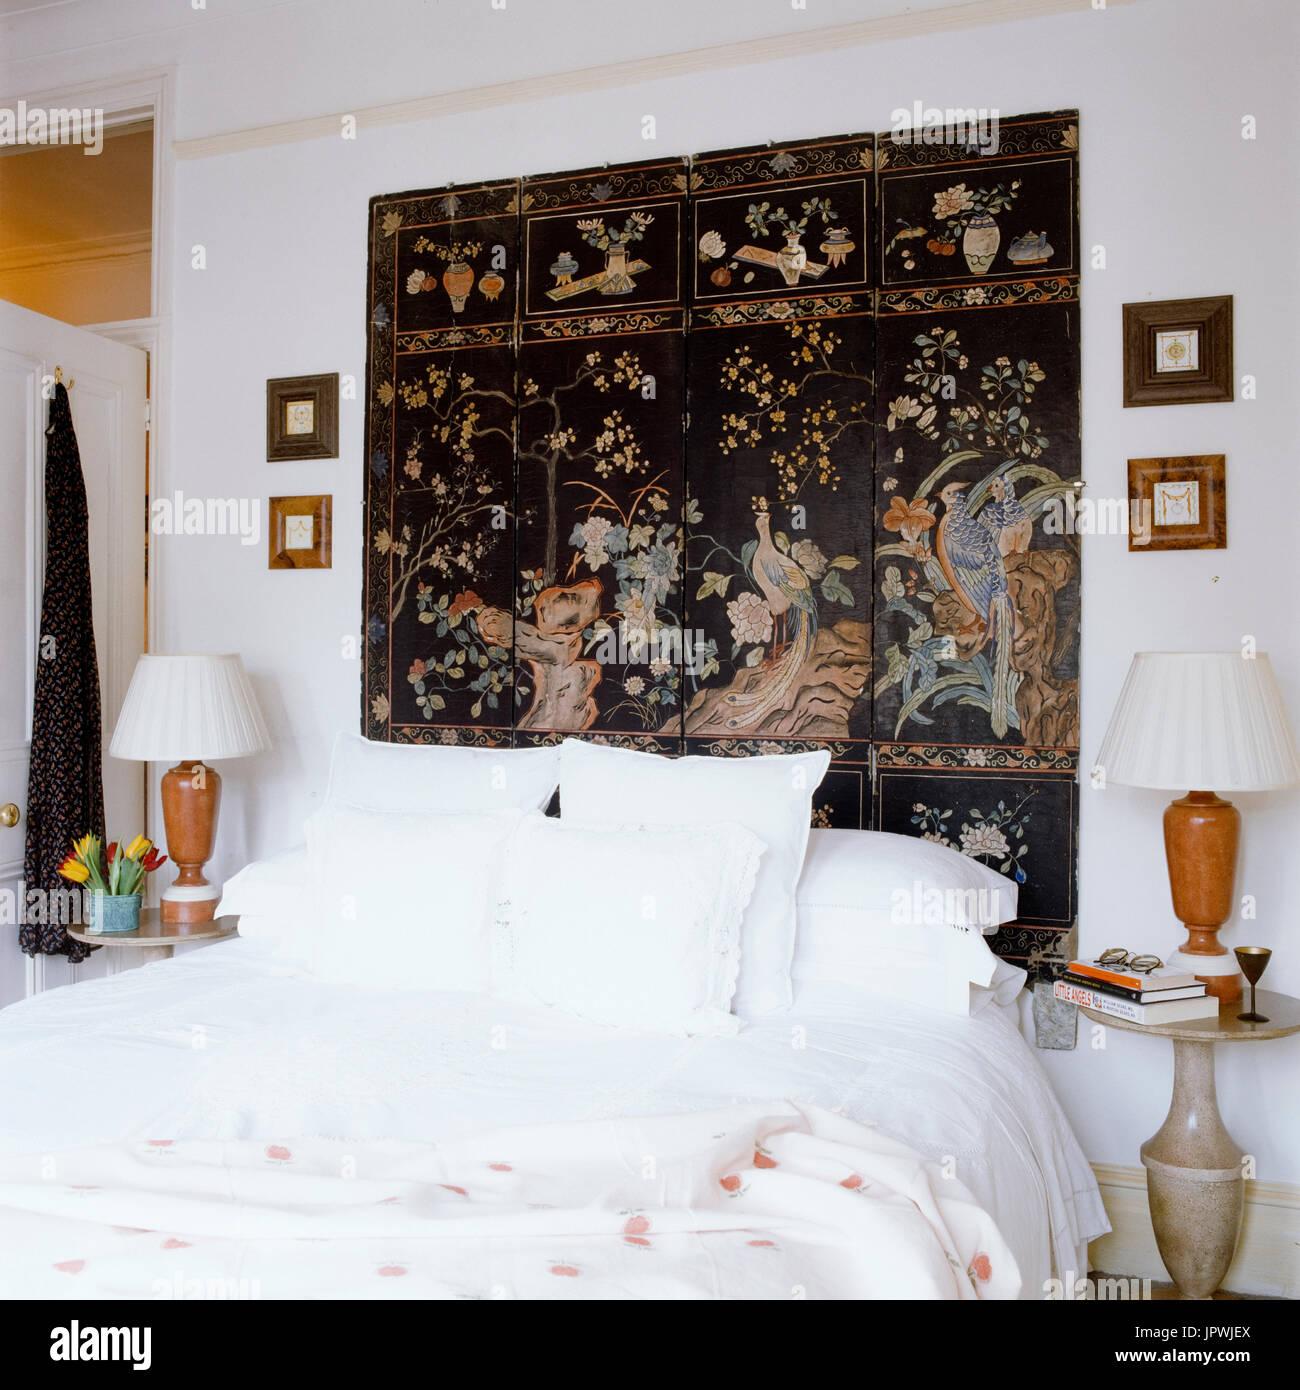 Orientalische Bildschirm im Schlafzimmer Stockfoto, Bild: 151768706 ...